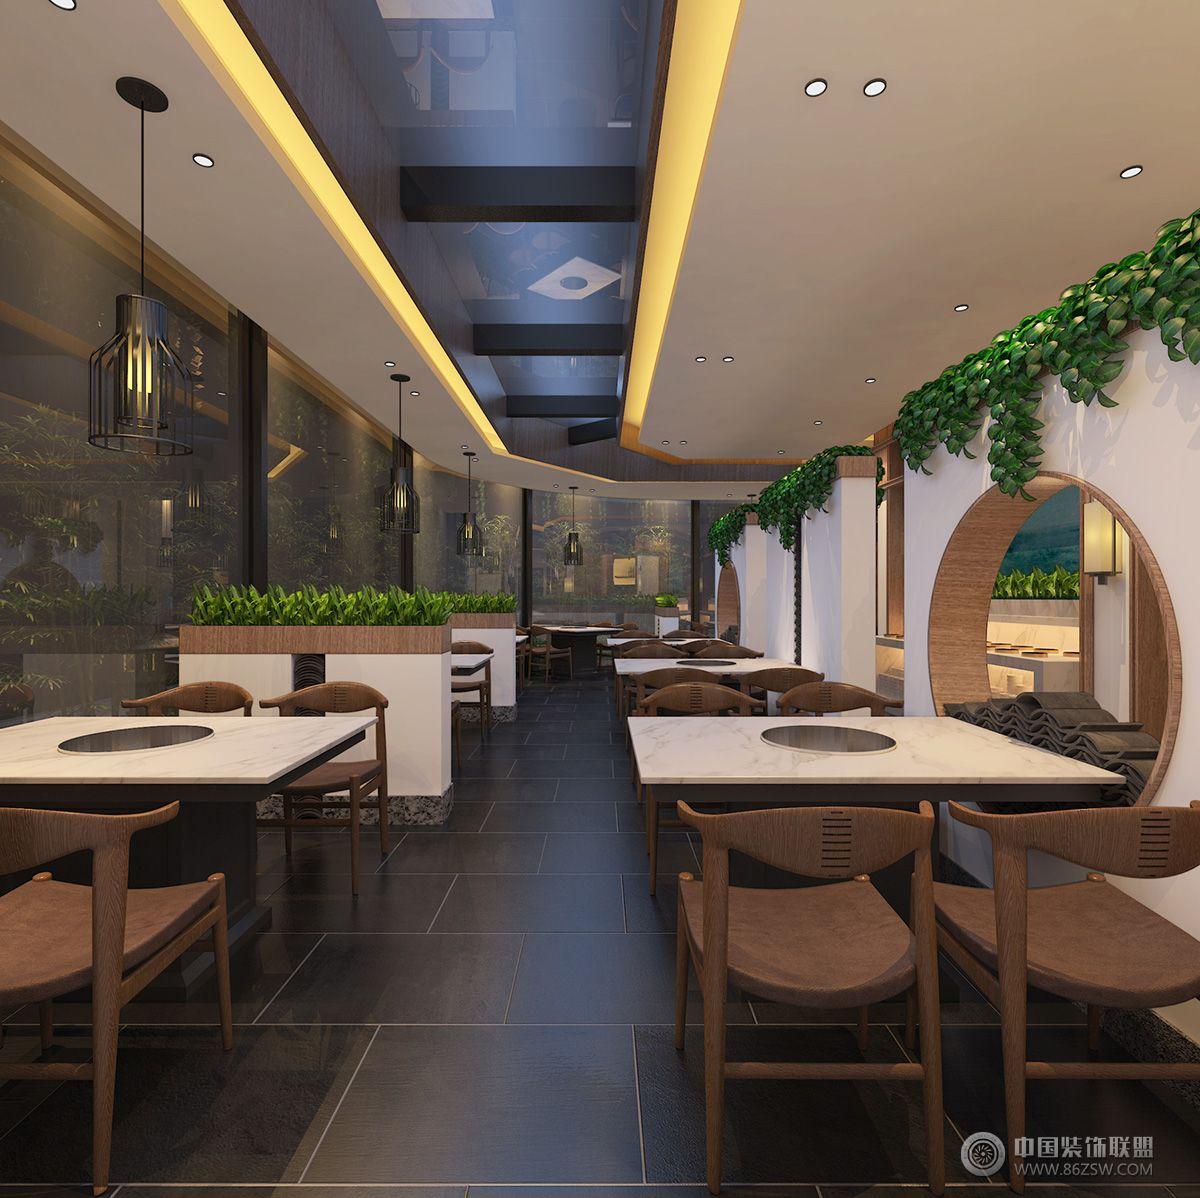 【元本設計】巴山牛肉火鍋-單張展示-餐館裝修效果圖